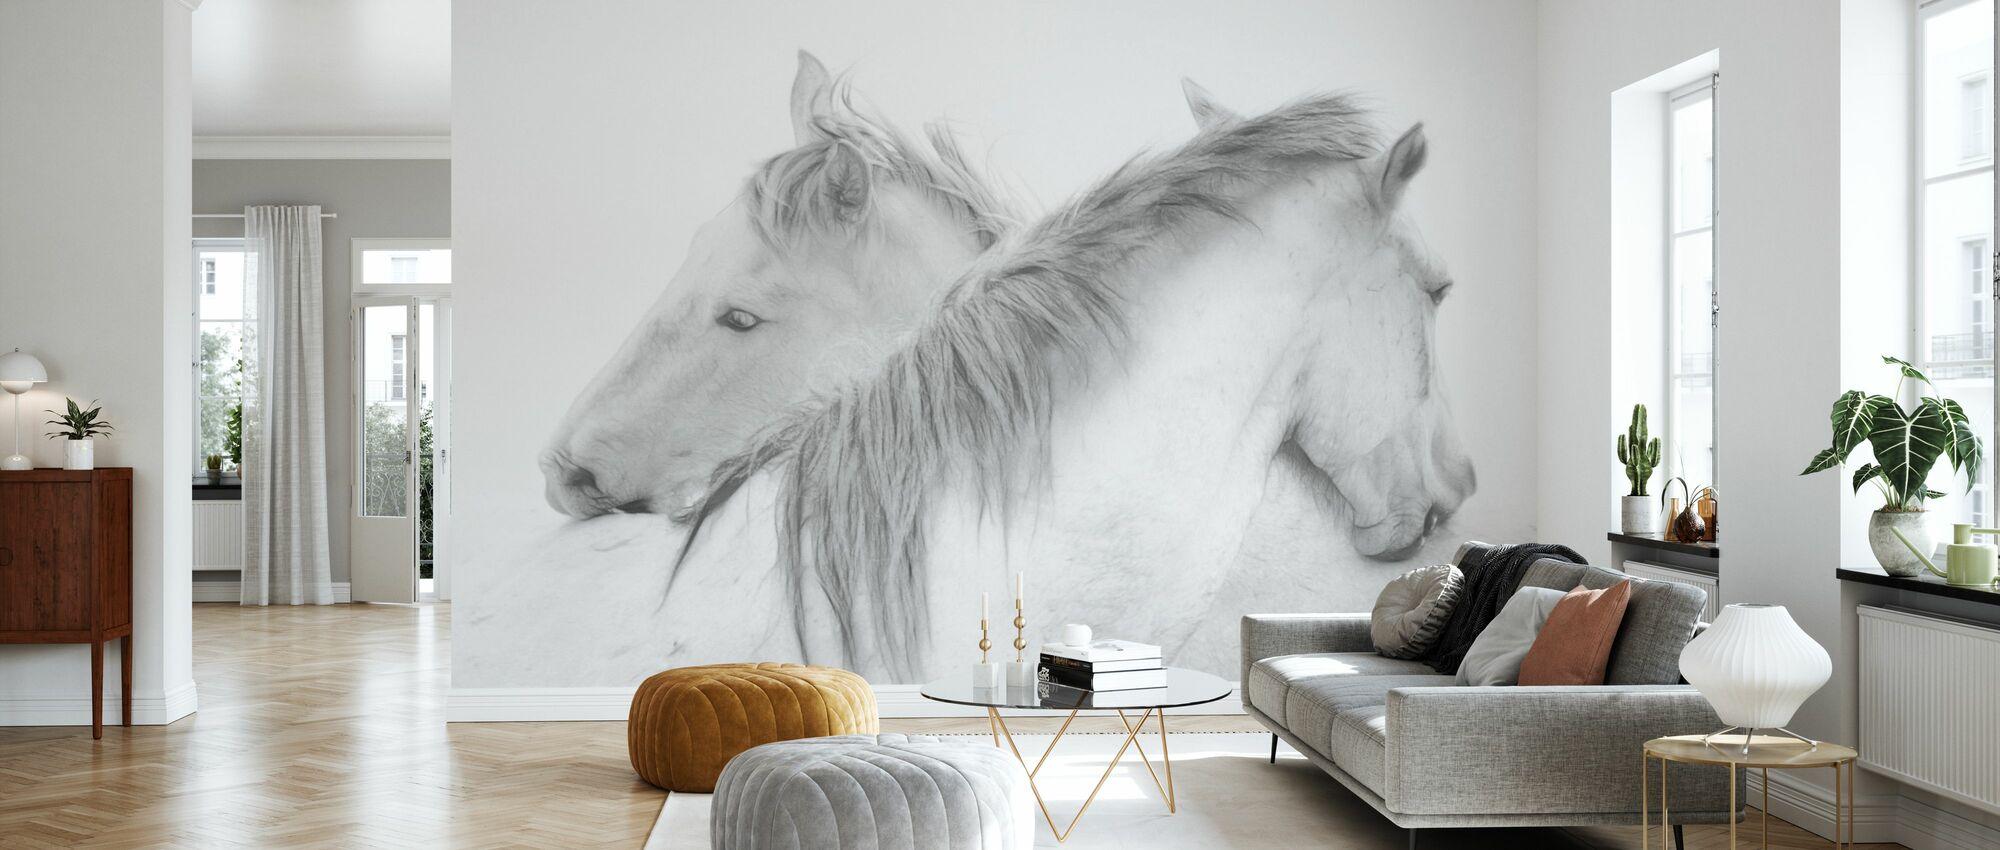 Horses - Wallpaper - Living Room